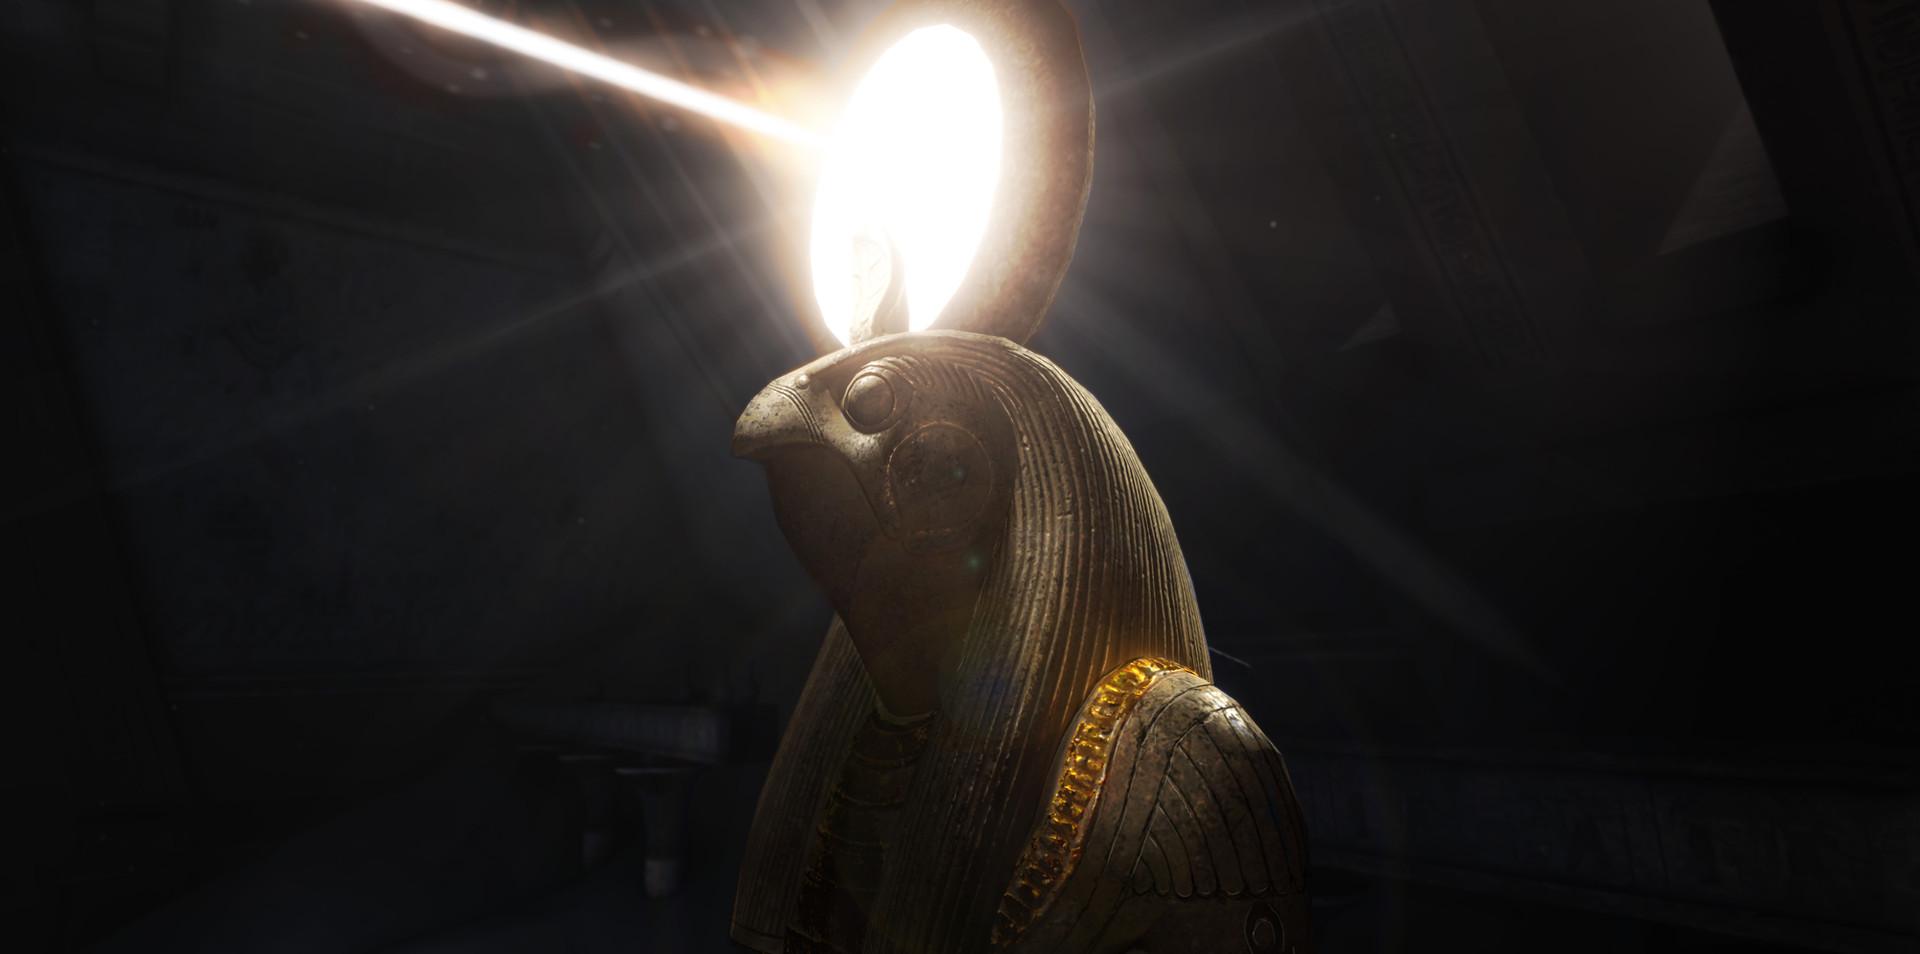 Horus_lightbeam.jpg